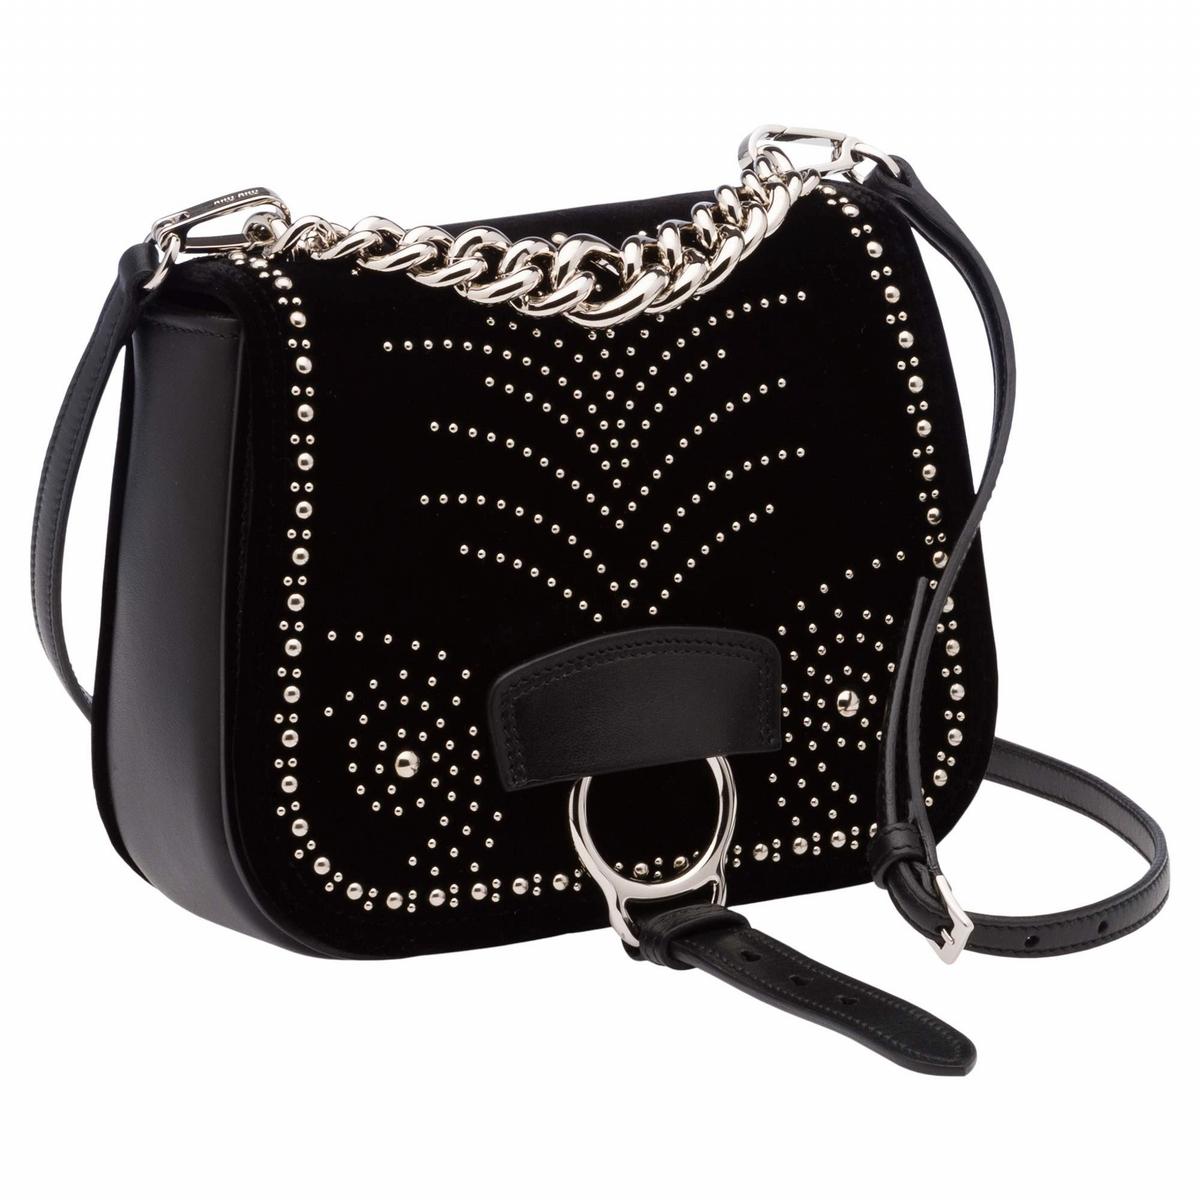 MIU MIU «DAHLIA»黛西亞馬鞍包, 天鵝絨鉚釘裝飾肩背包(小) $52,500